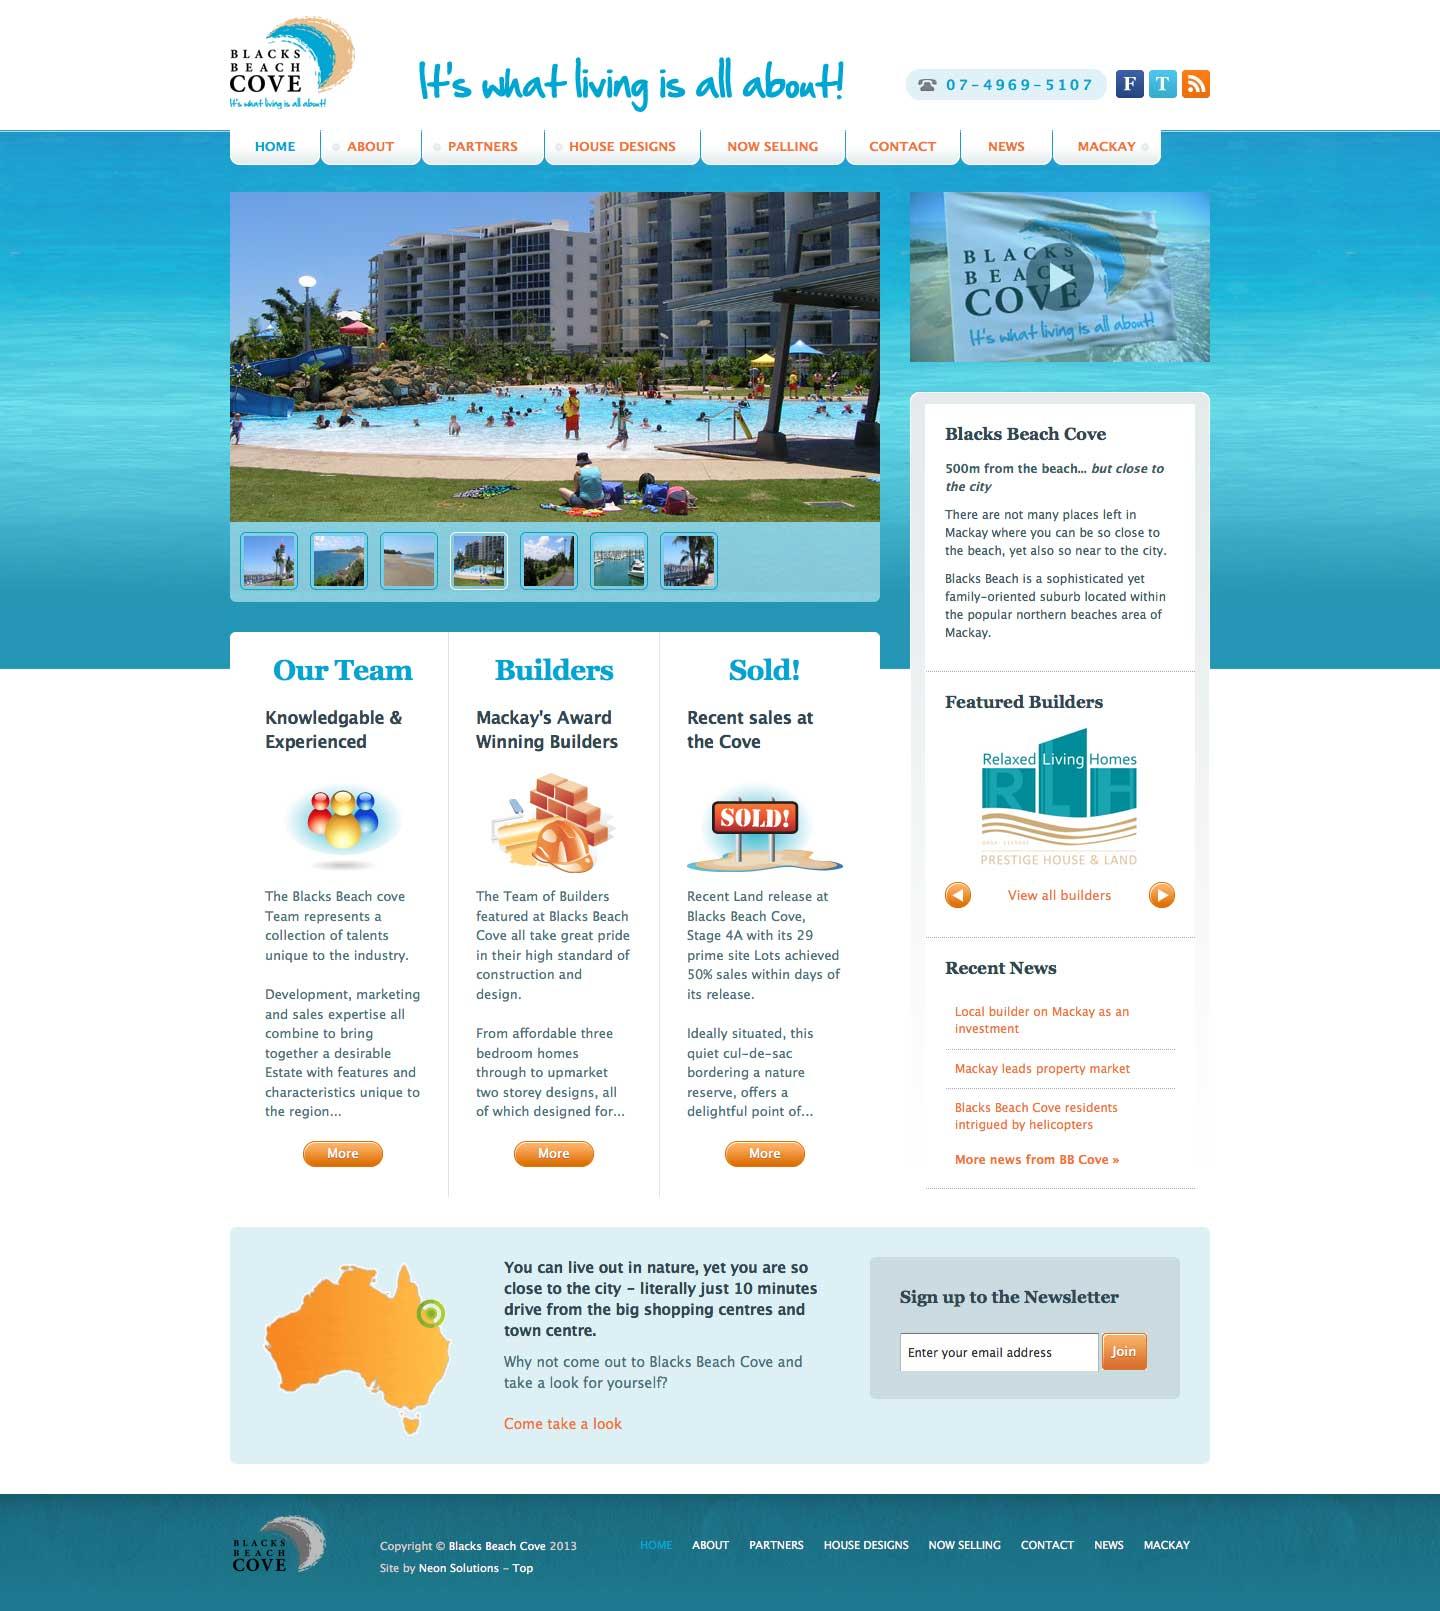 screenshot - Blacks Beach Cove - desktop